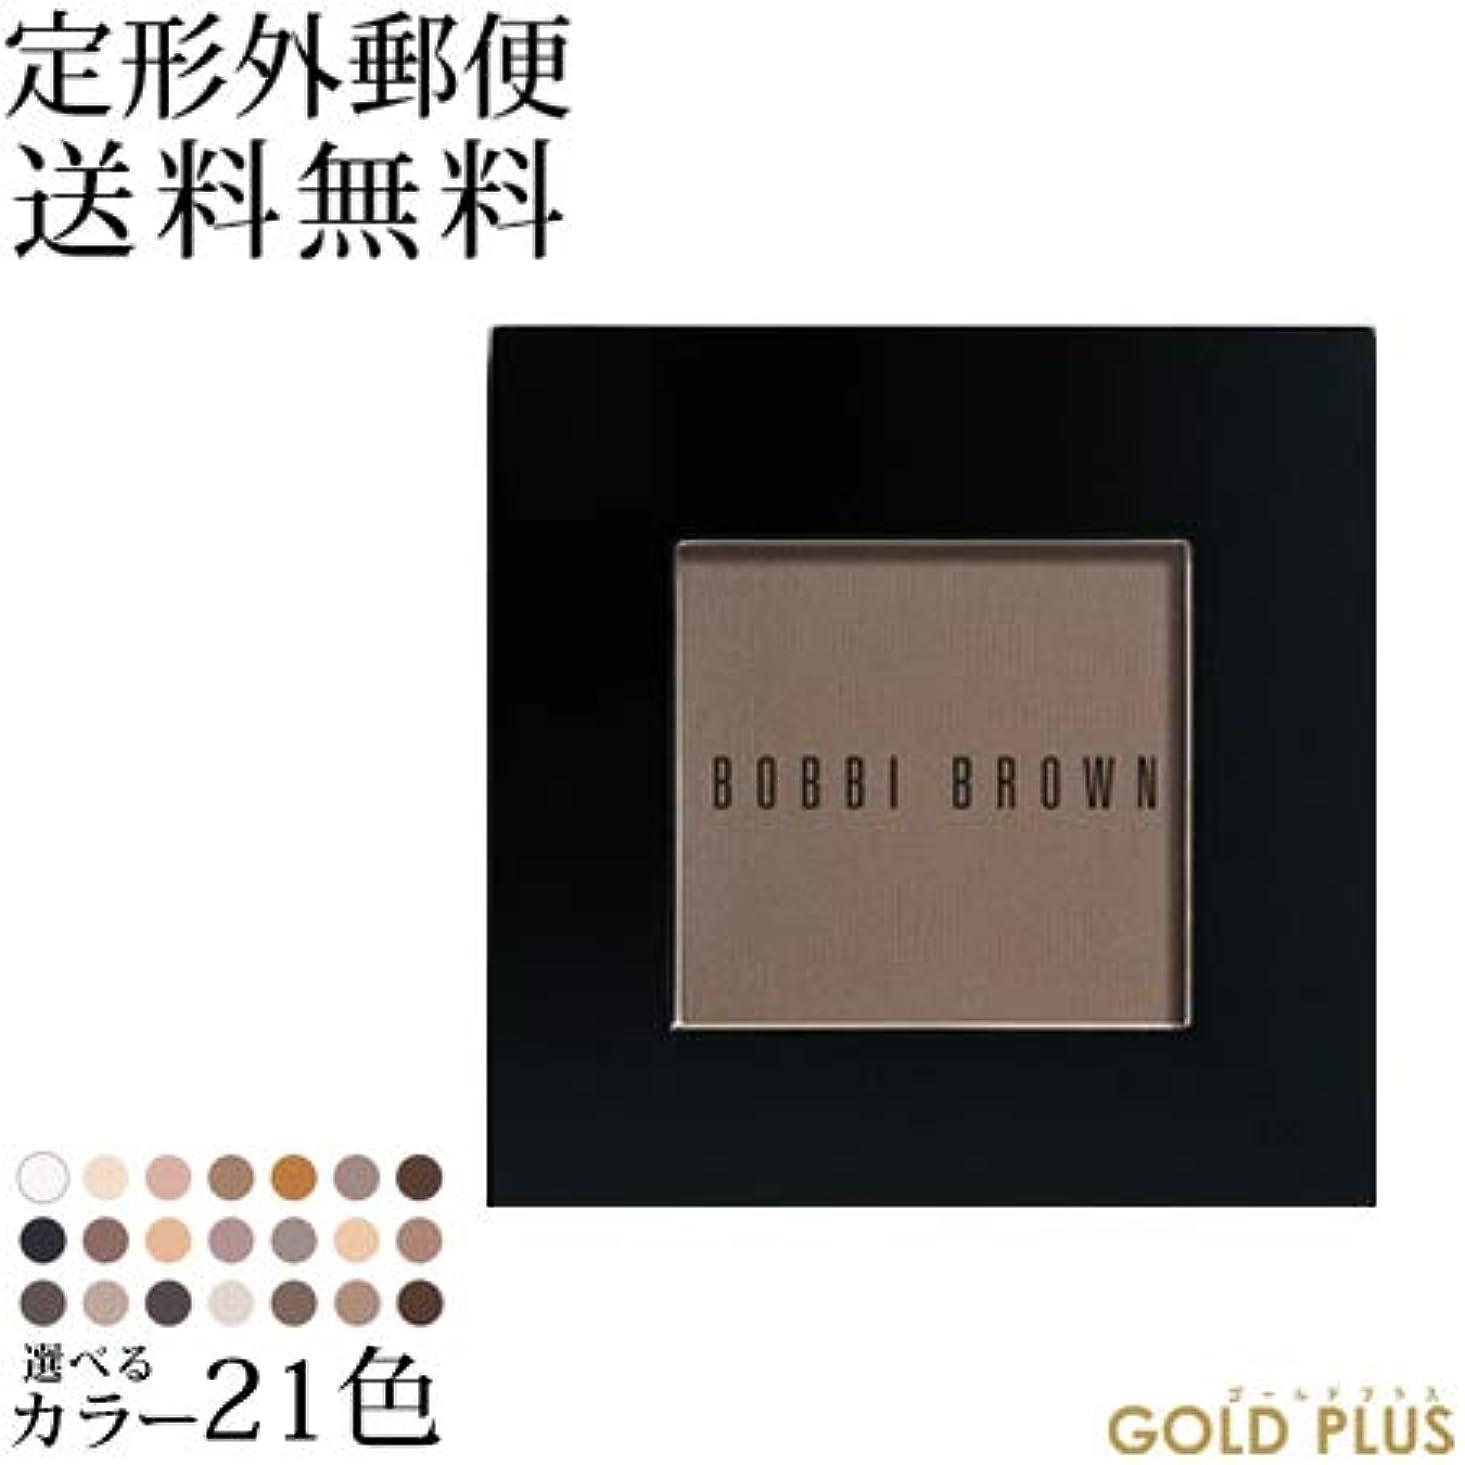 コンパニオン胸雄大なボビイブラウン アイシャドウ 選べる全21色 -BOBBI BROWN- ヘザー